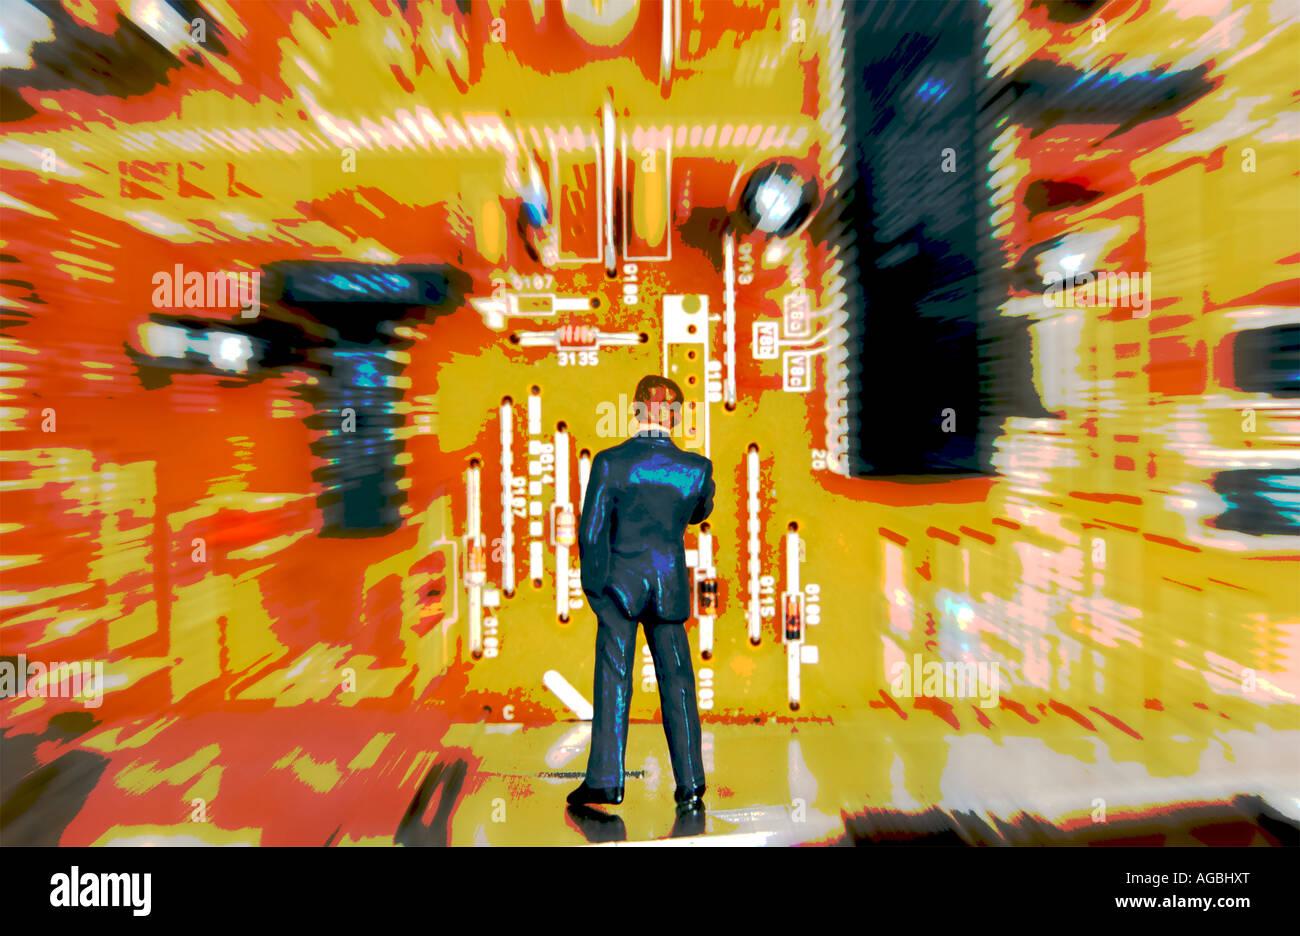 Concepto de negocio de tecnología Imagen De Stock